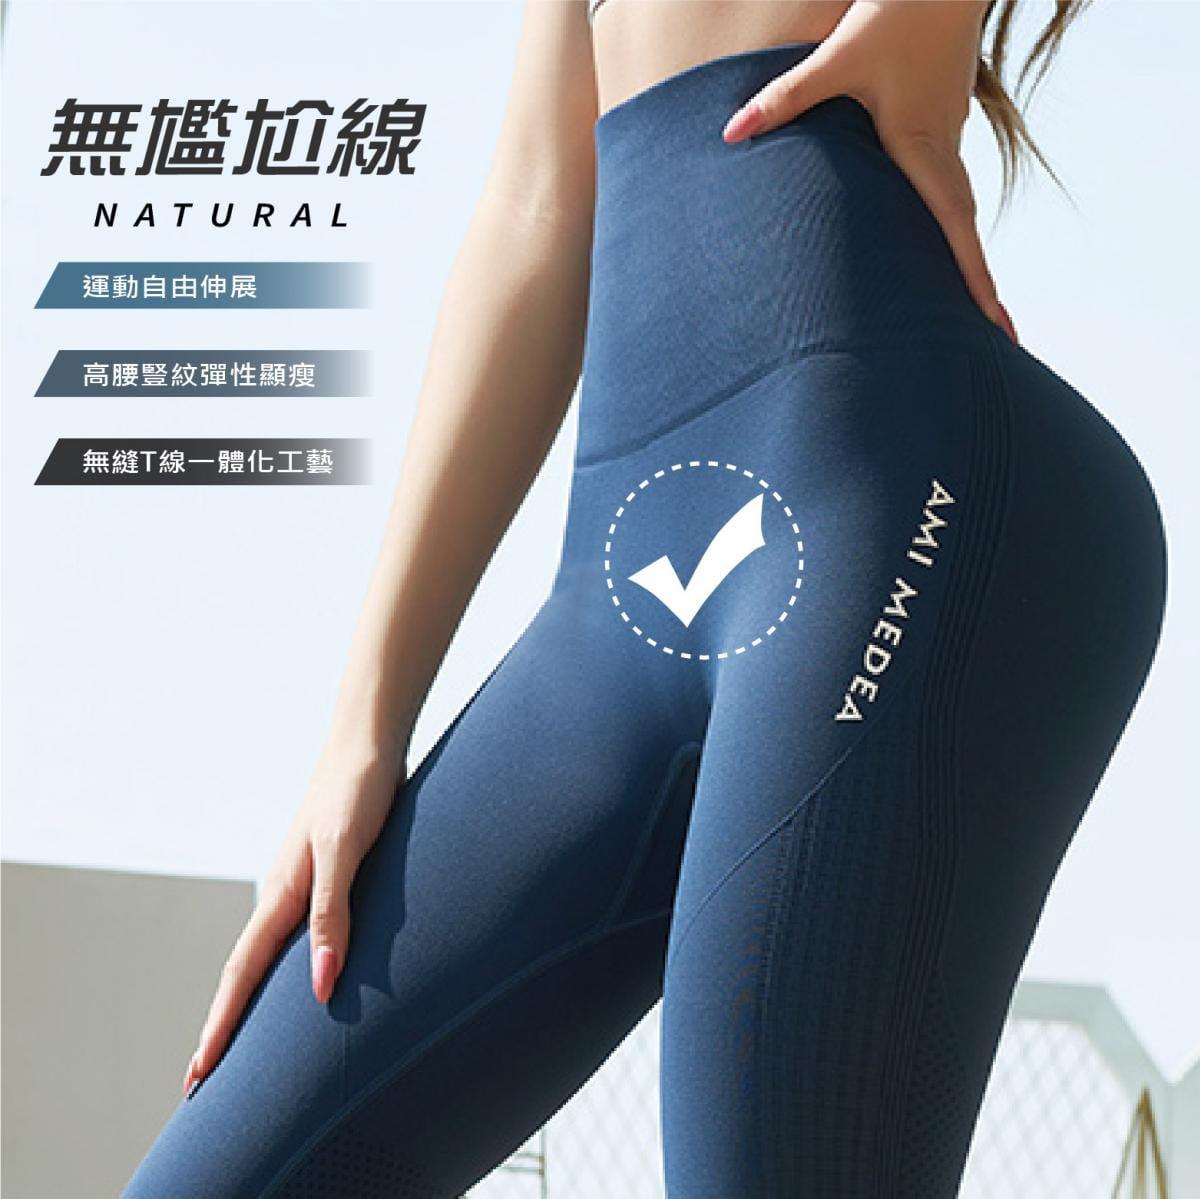 ??老婆叫我買 時尚運動功能型Legging 提臀 包覆 高腰 瑜珈 健身 彈力 壓力褲 運動 1